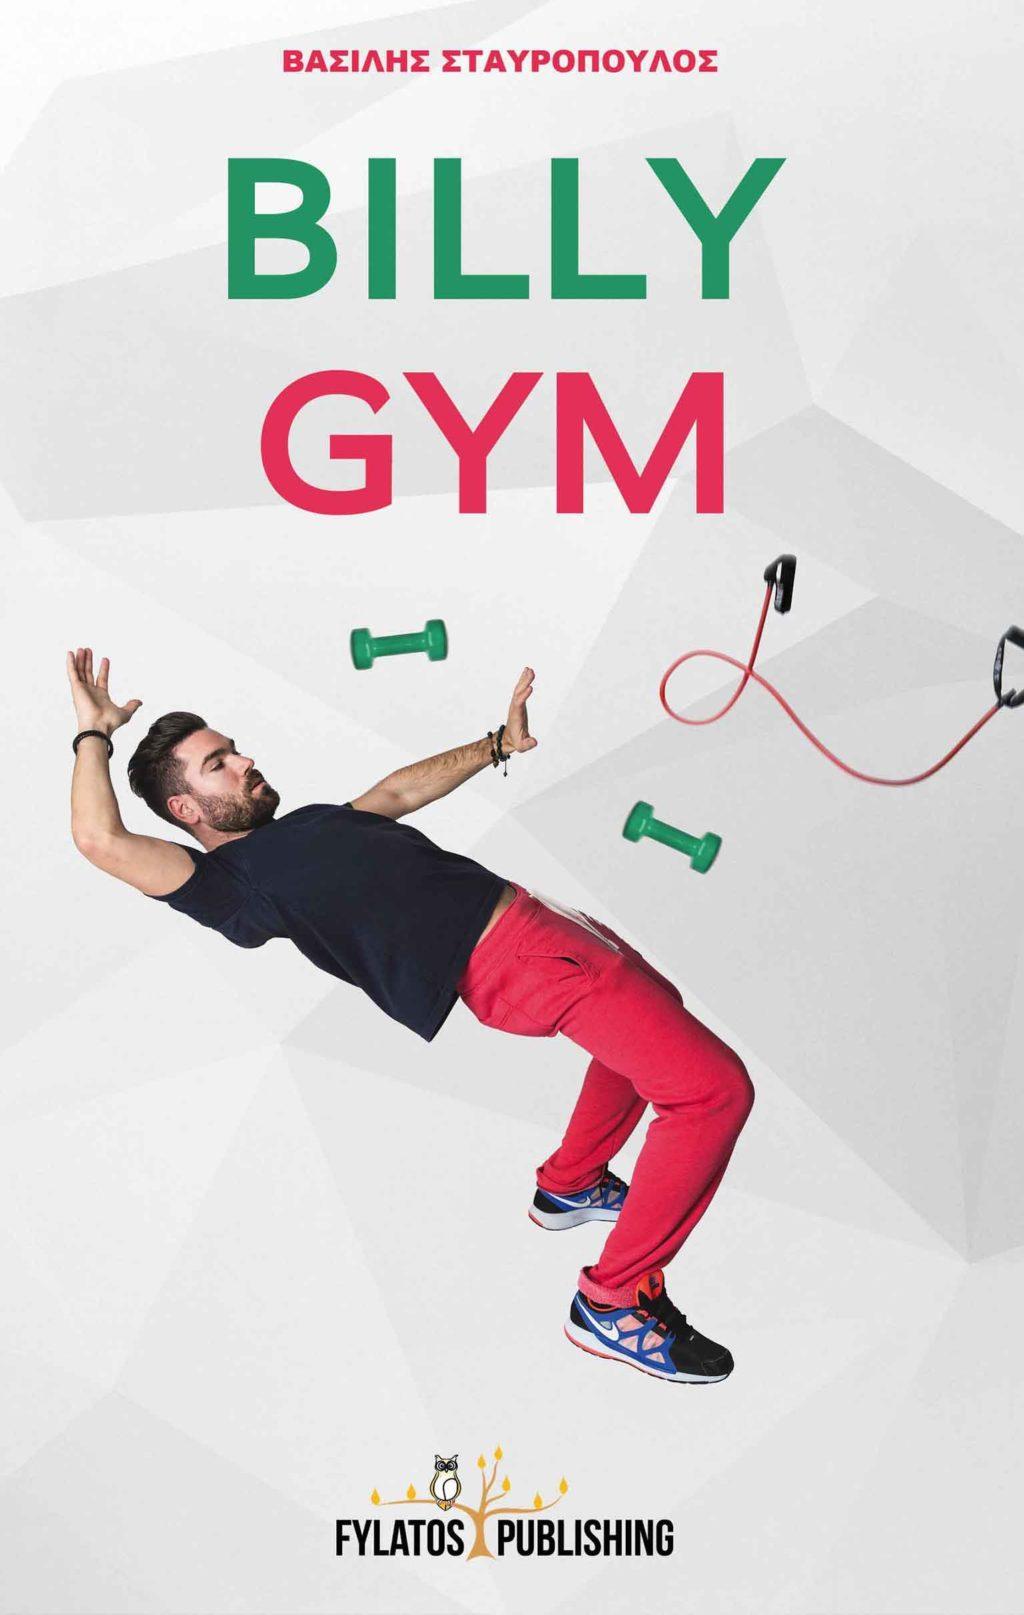 BILLY GYM. Fitness - Ασκήσεις φυσικής κατάστασης -